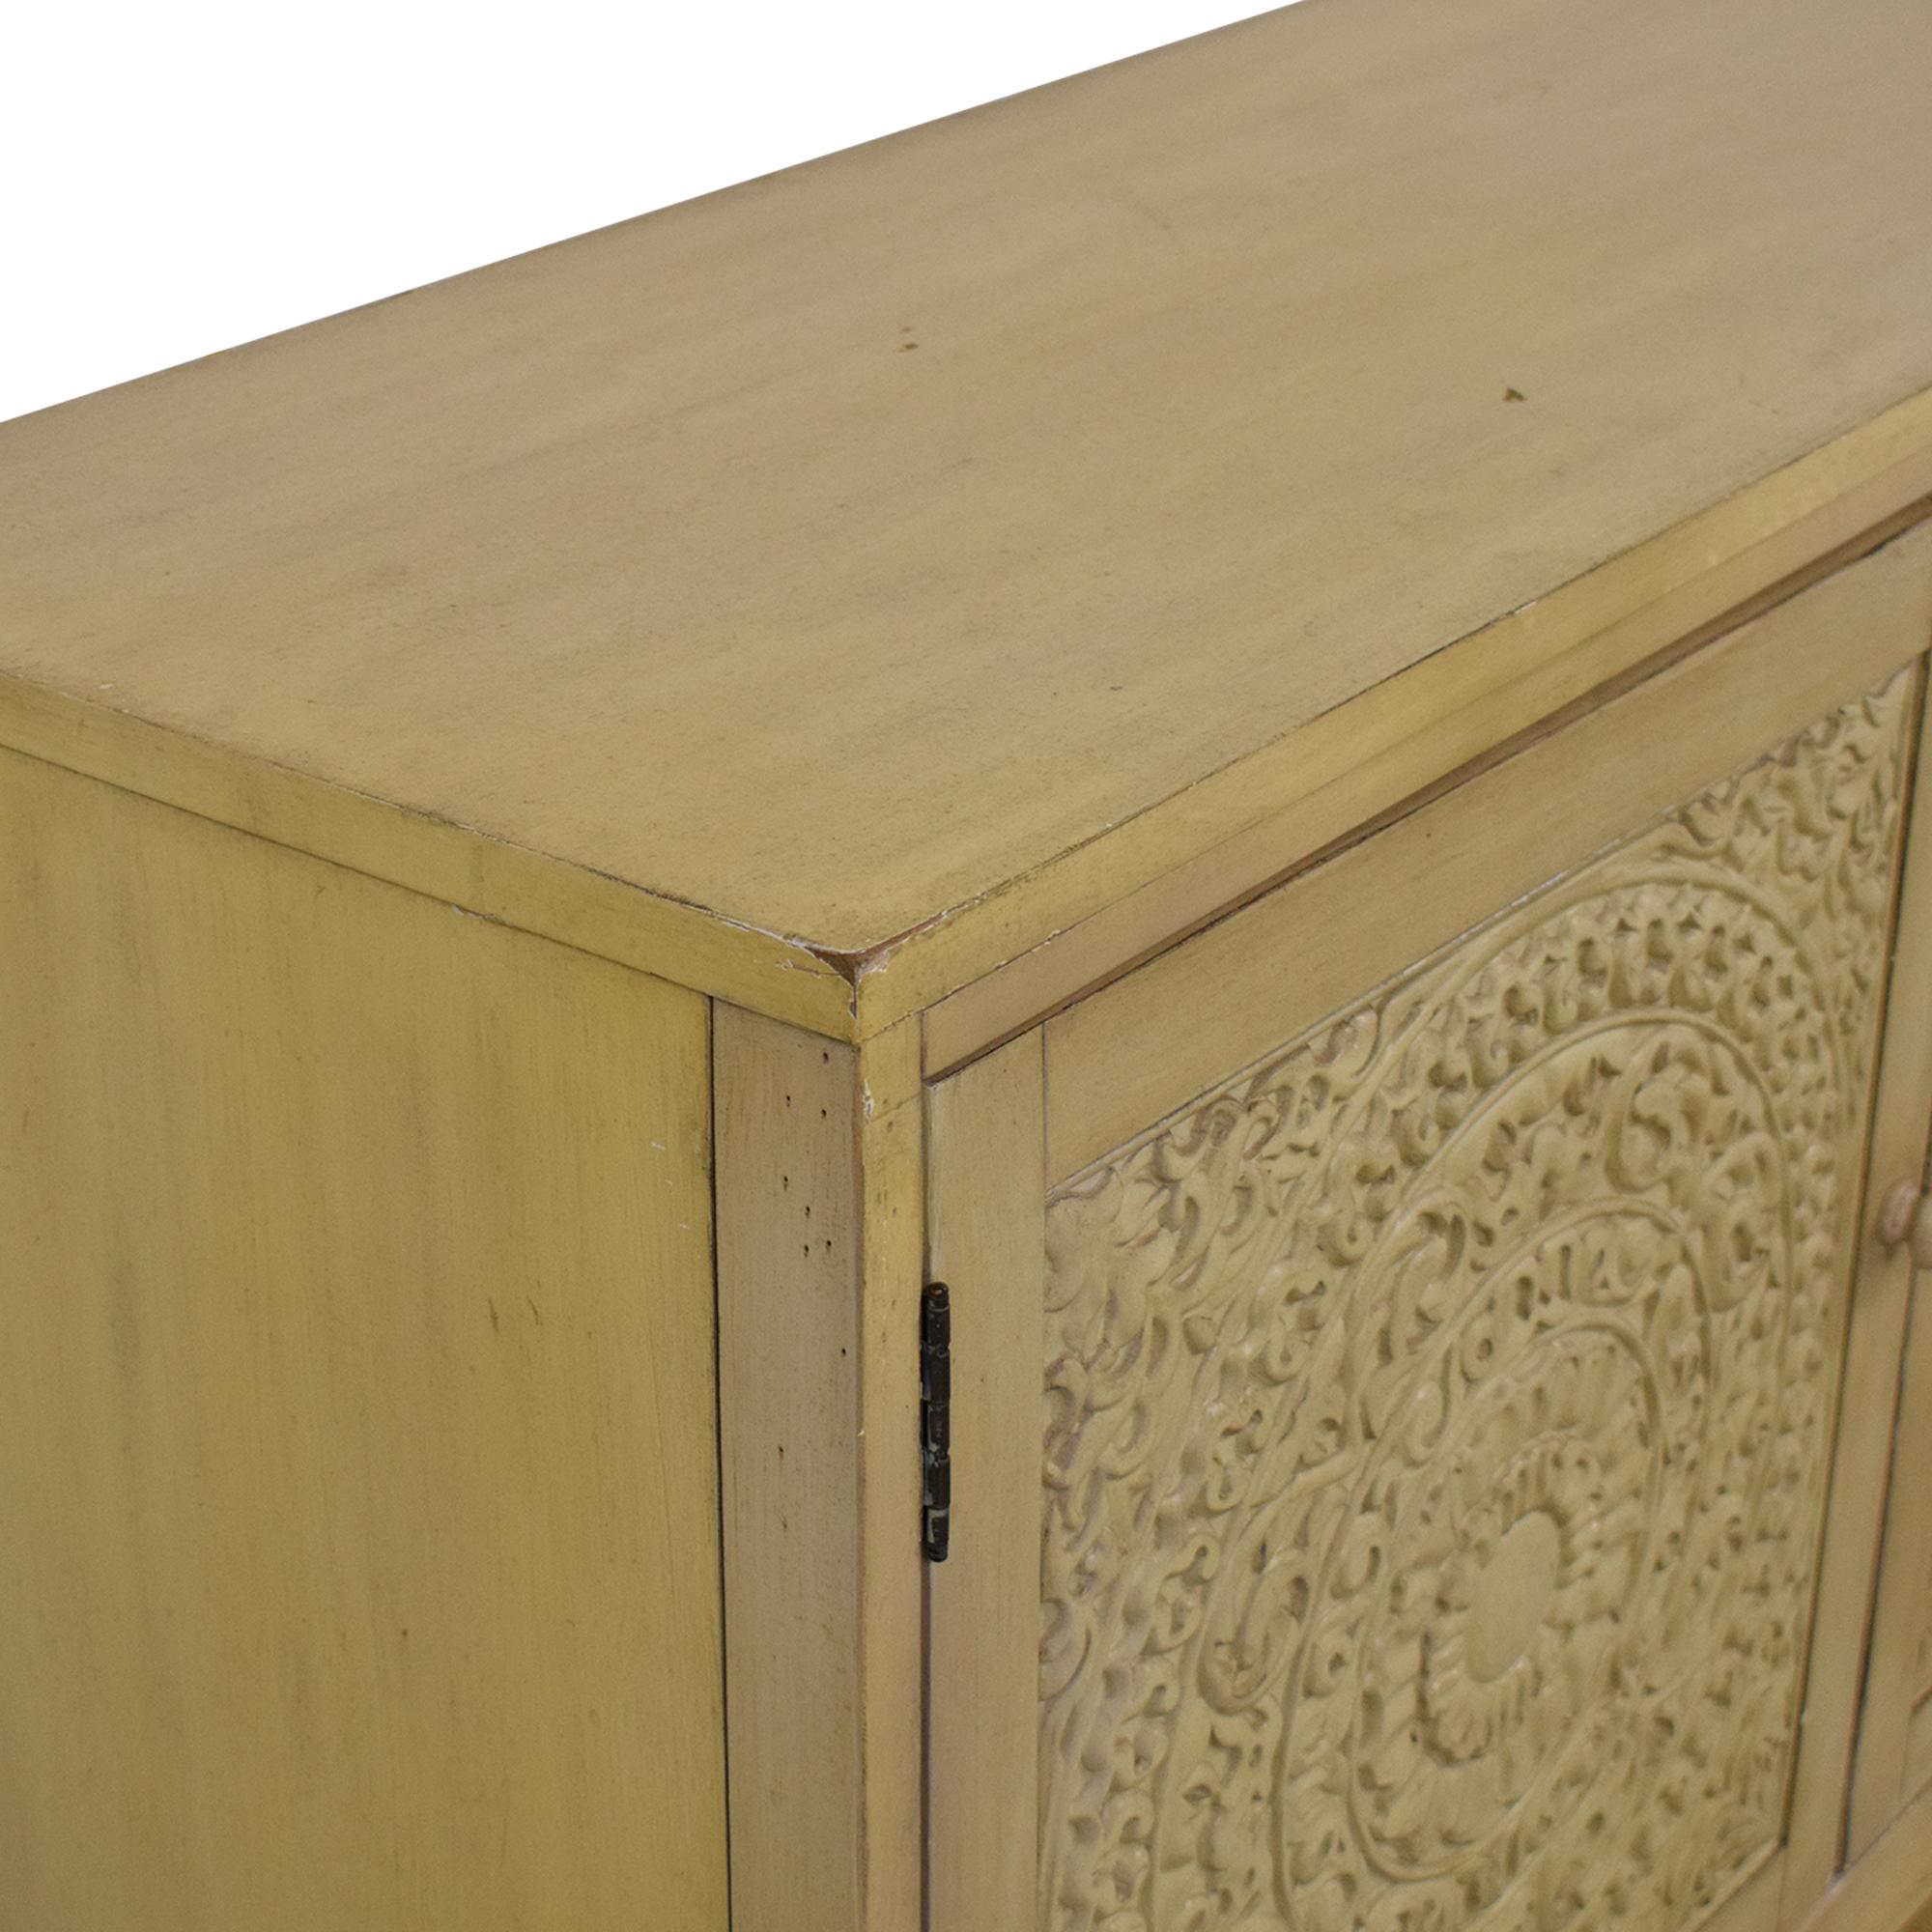 Hooker Furniture Hooker Furniture Matisette Cabinet for sale